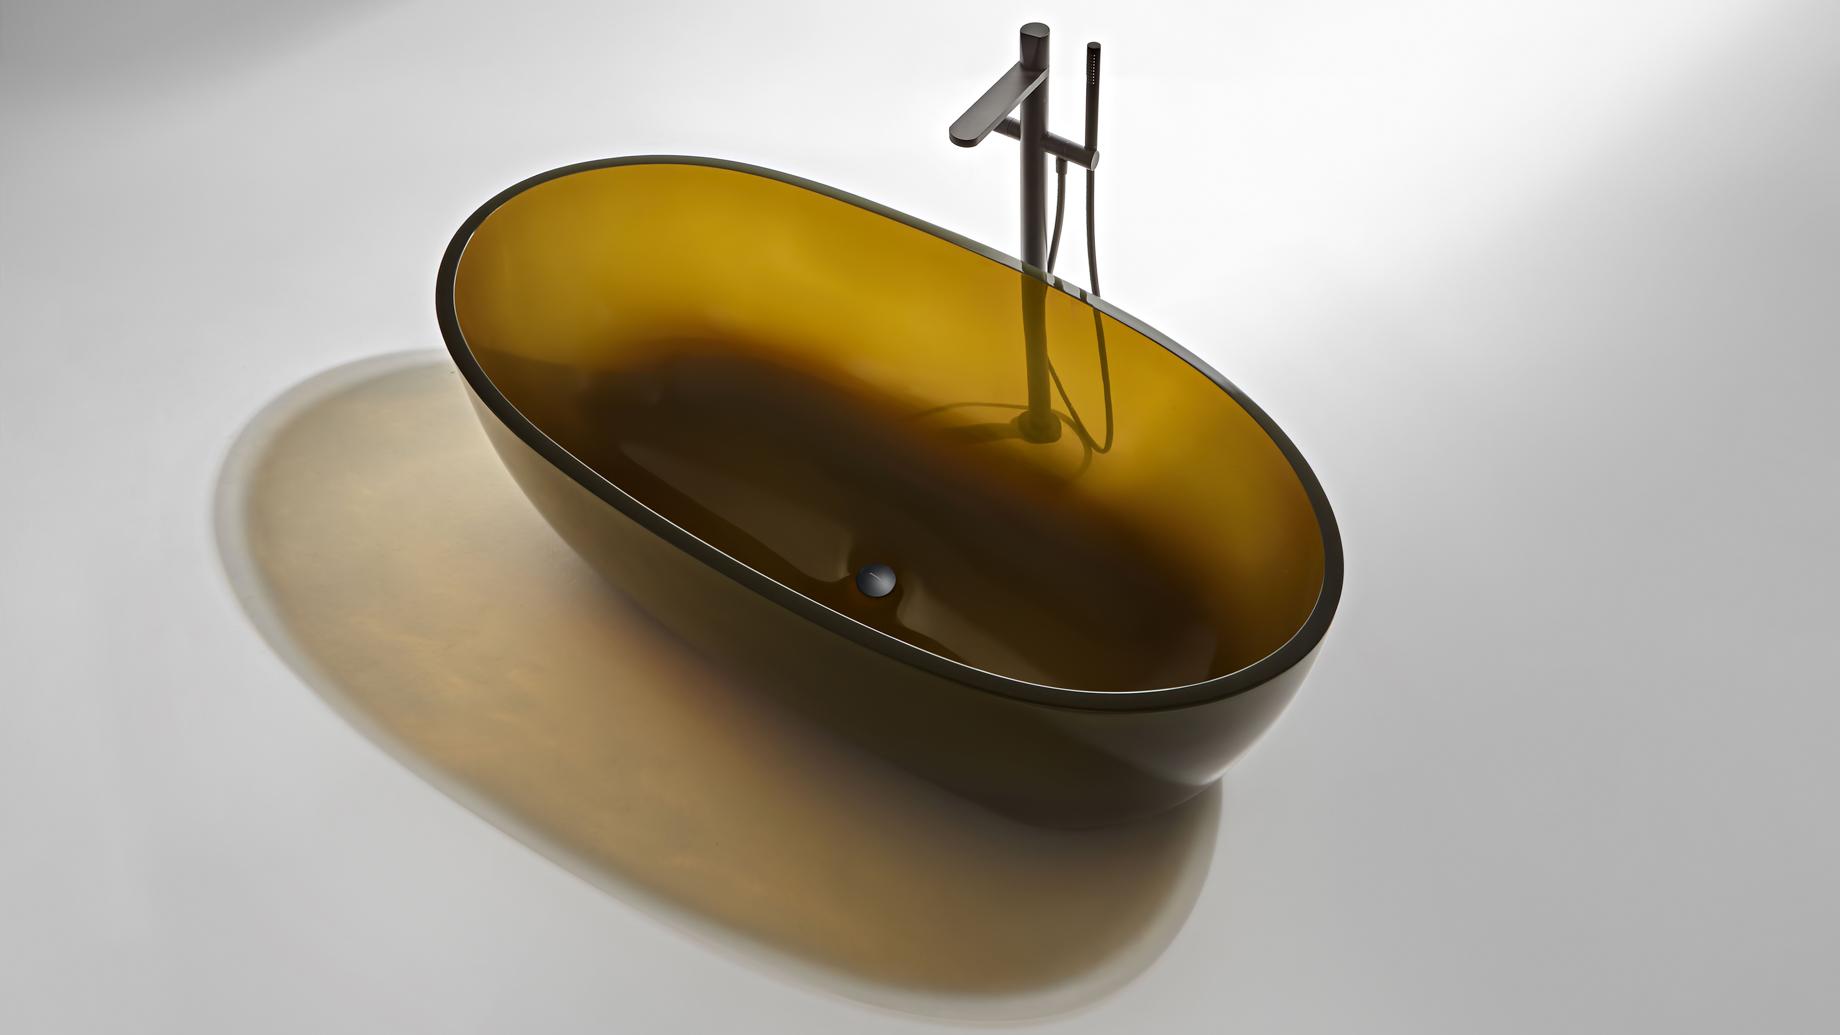 Transparent REFLEX Cristalmood Resin Luxury Bathtub by AL Studio – Gran Cru